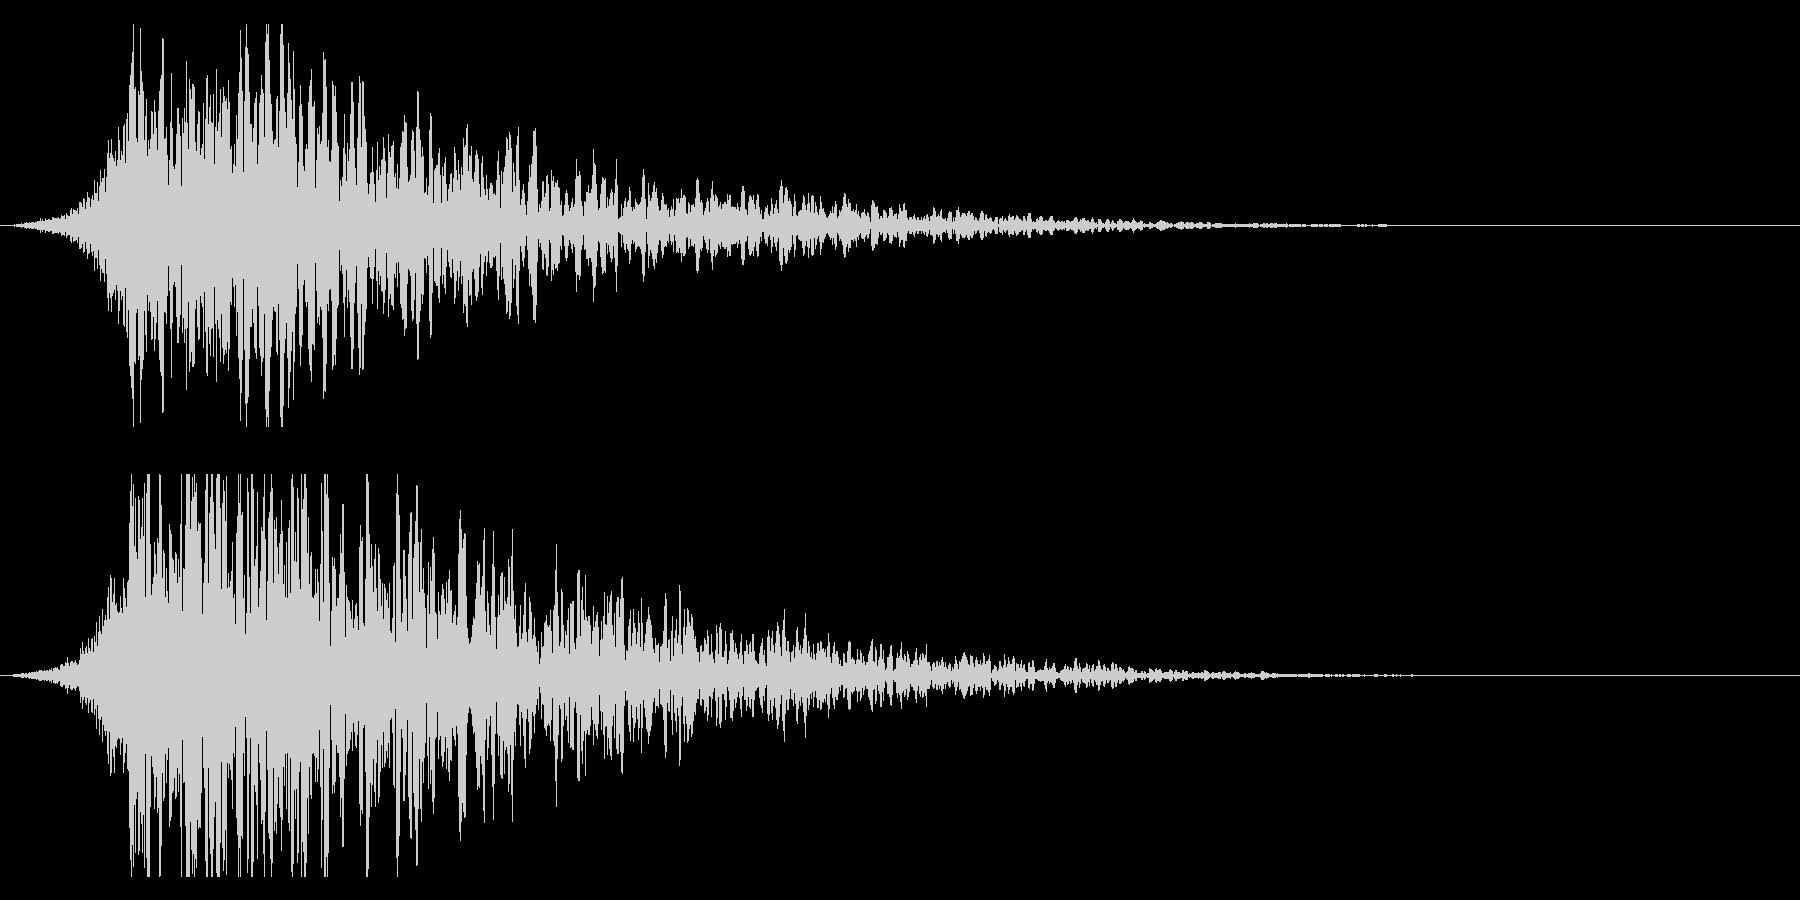 シュードーン-19-2(インパクト音)の未再生の波形